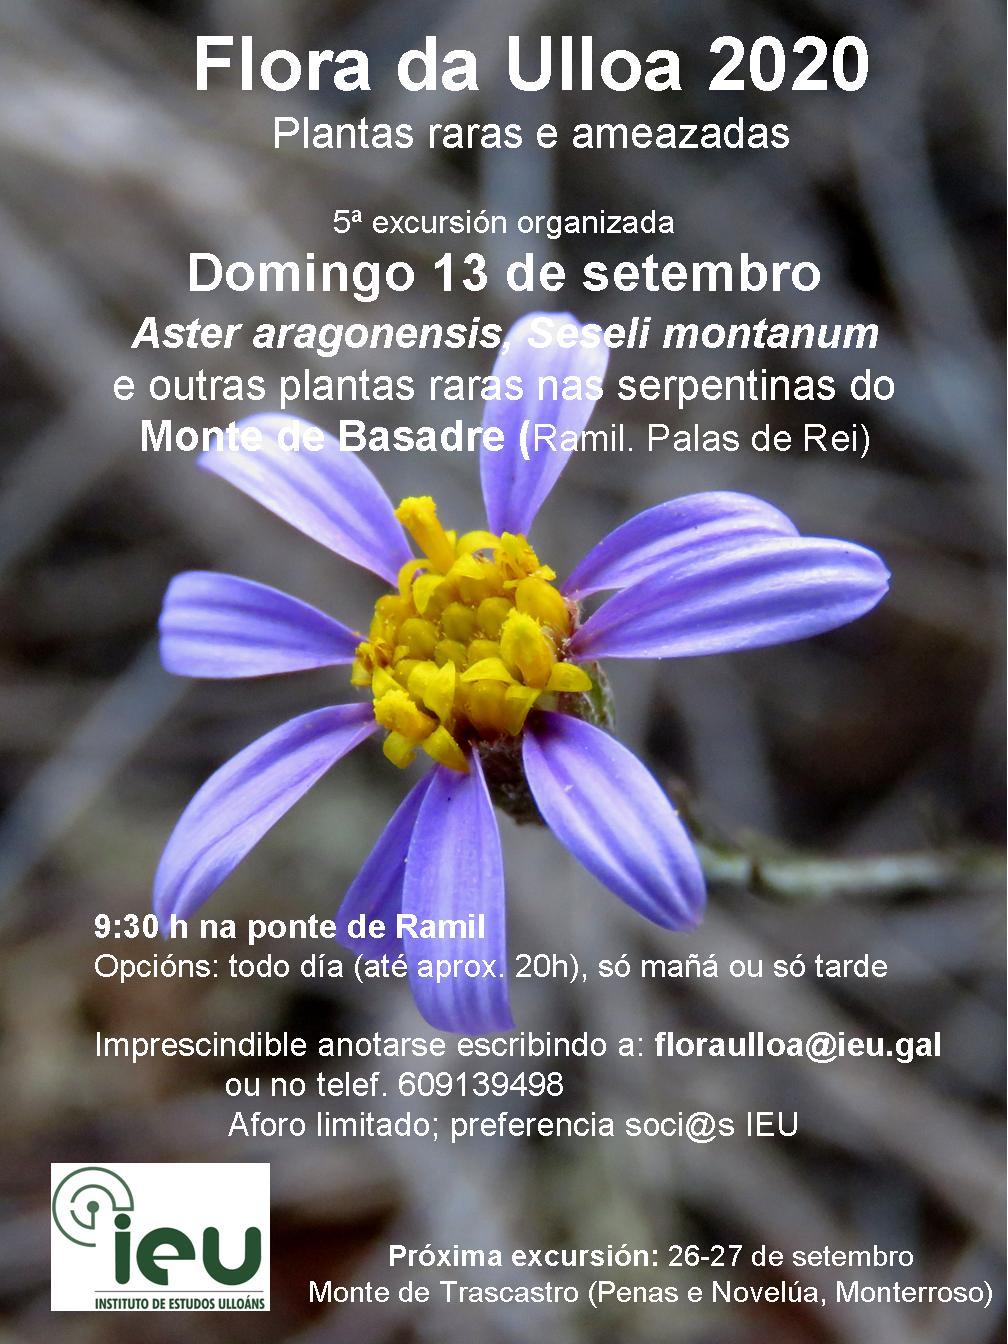 Excursión Flora da Ulloa 05-20 Monte de Basadre, Instituto de Estudos Ulloáns, IEU